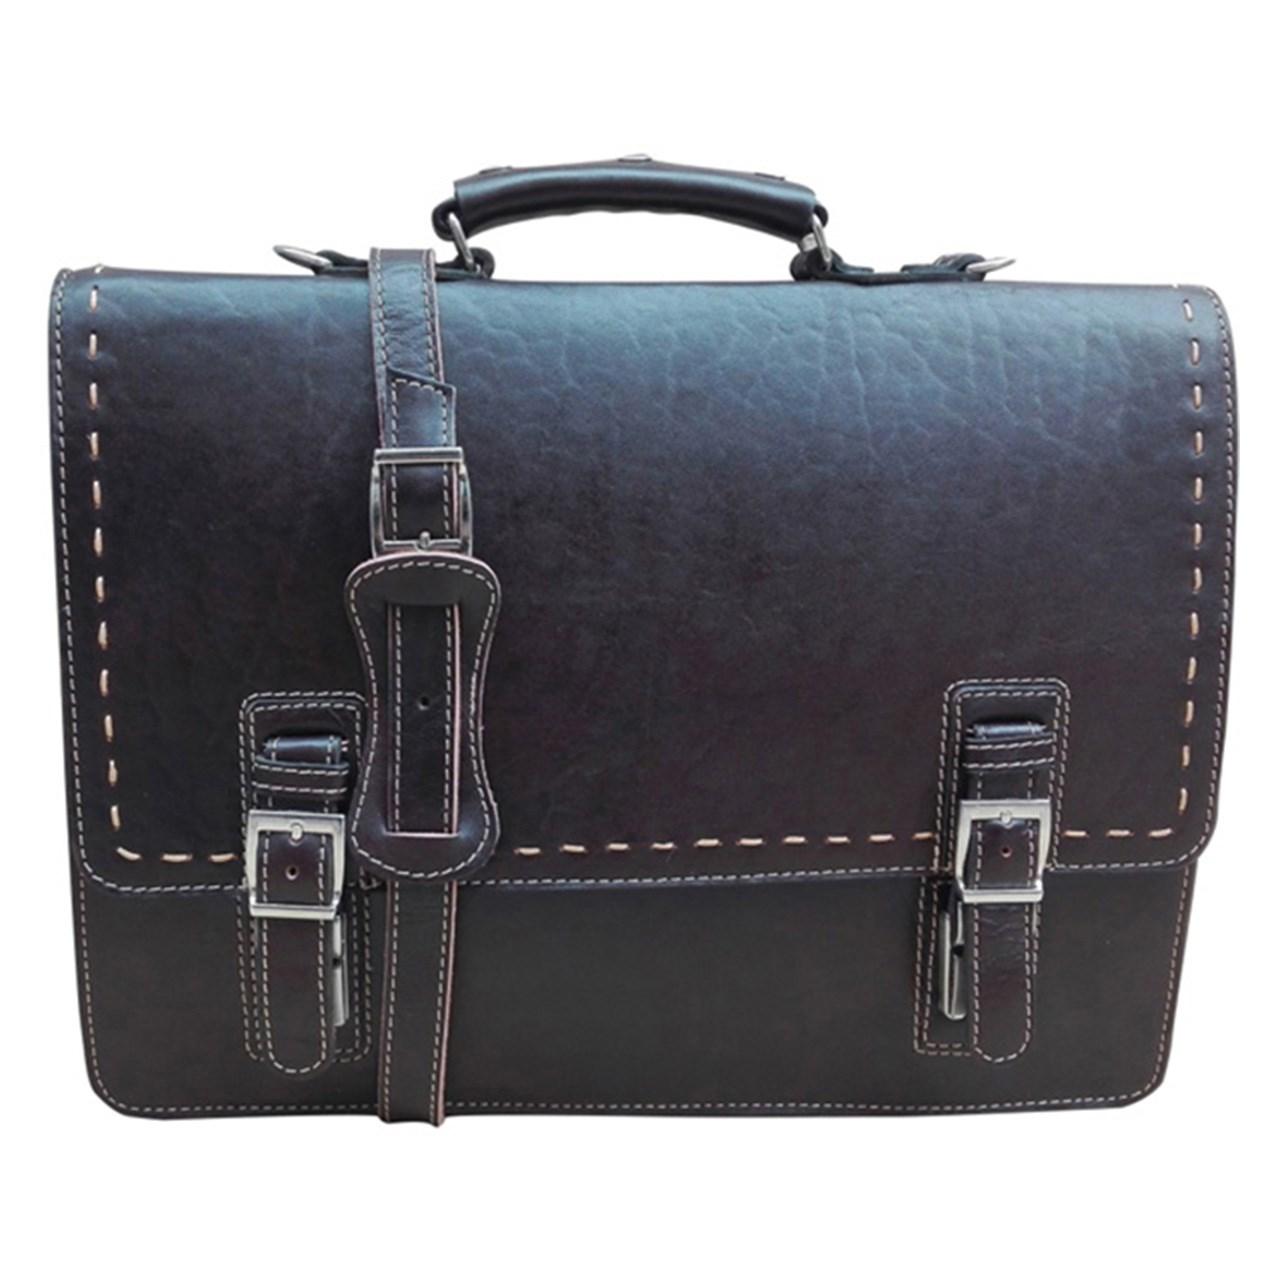 قیمت کیف اداری چرم دیاکو مدل md-139